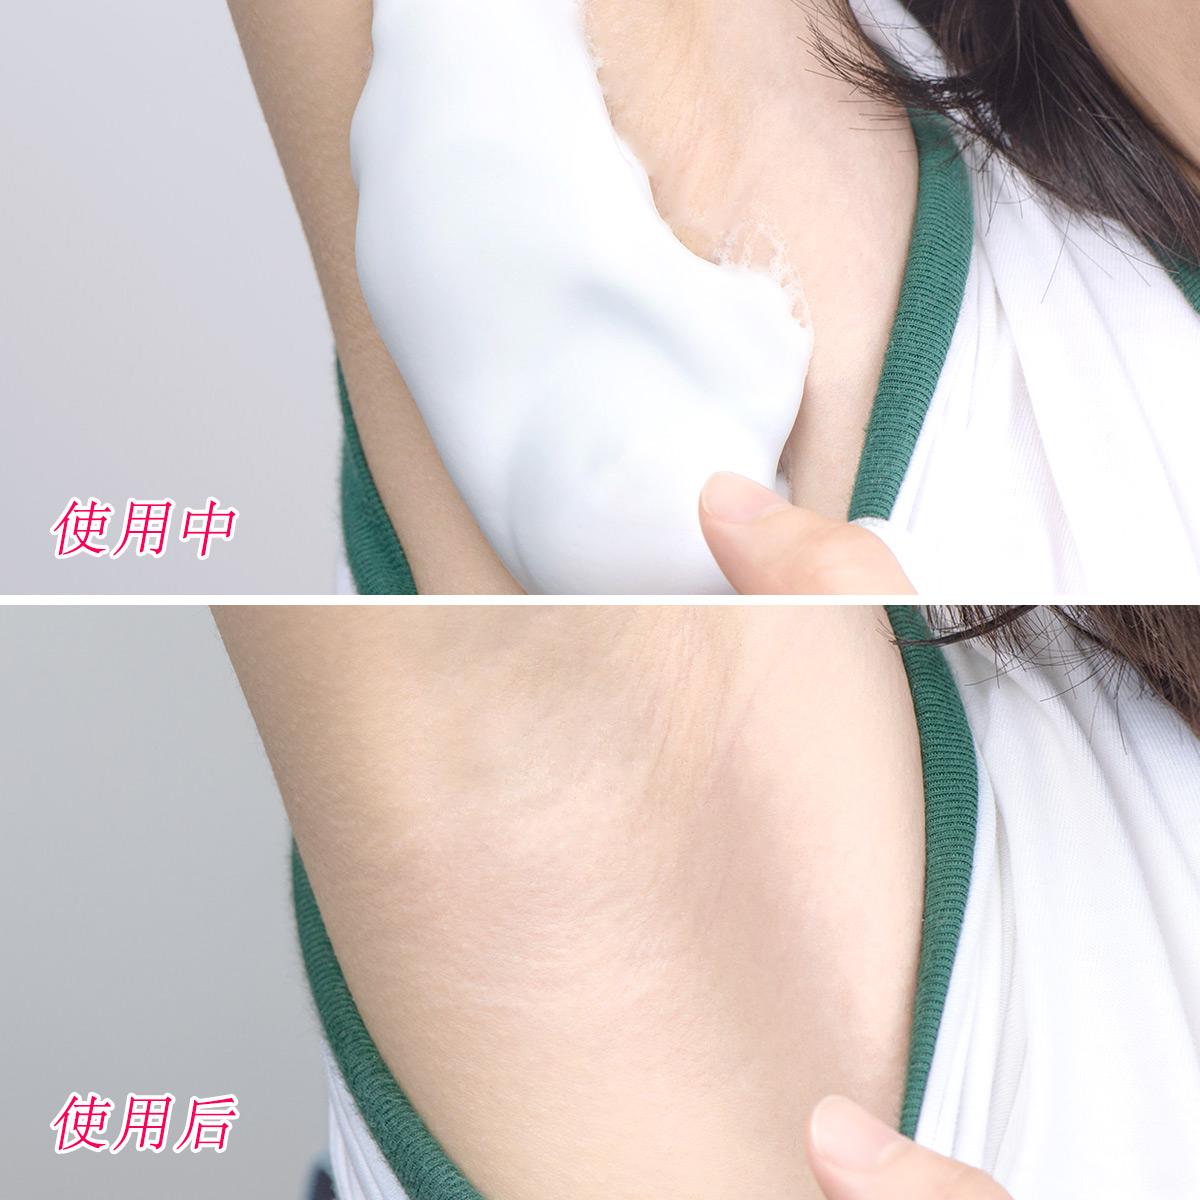 日本Epilat嘉娜宝脱毛慕斯 去腿毛腋下泡沫脱毛膏温和无刺激120g